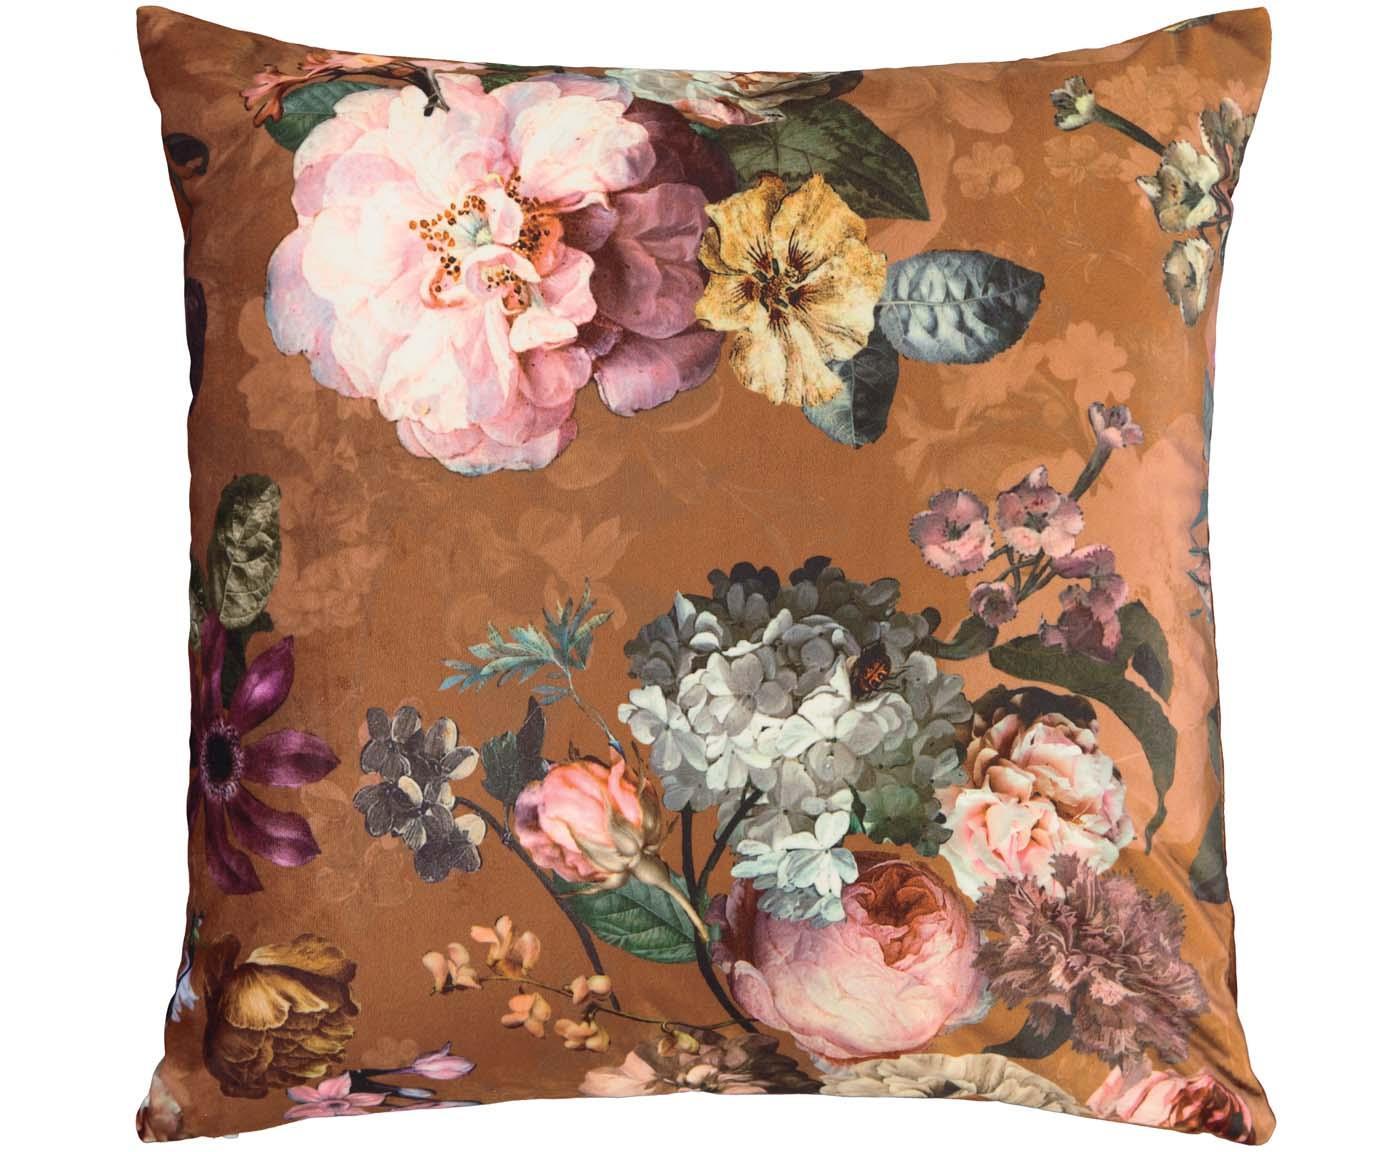 Samt-Kissen Fleur mit Blumenmuster, mit Inlett, Bezug: 100% Polyestersamt, Braun, Mehrfarbig, 50 x 50 cm